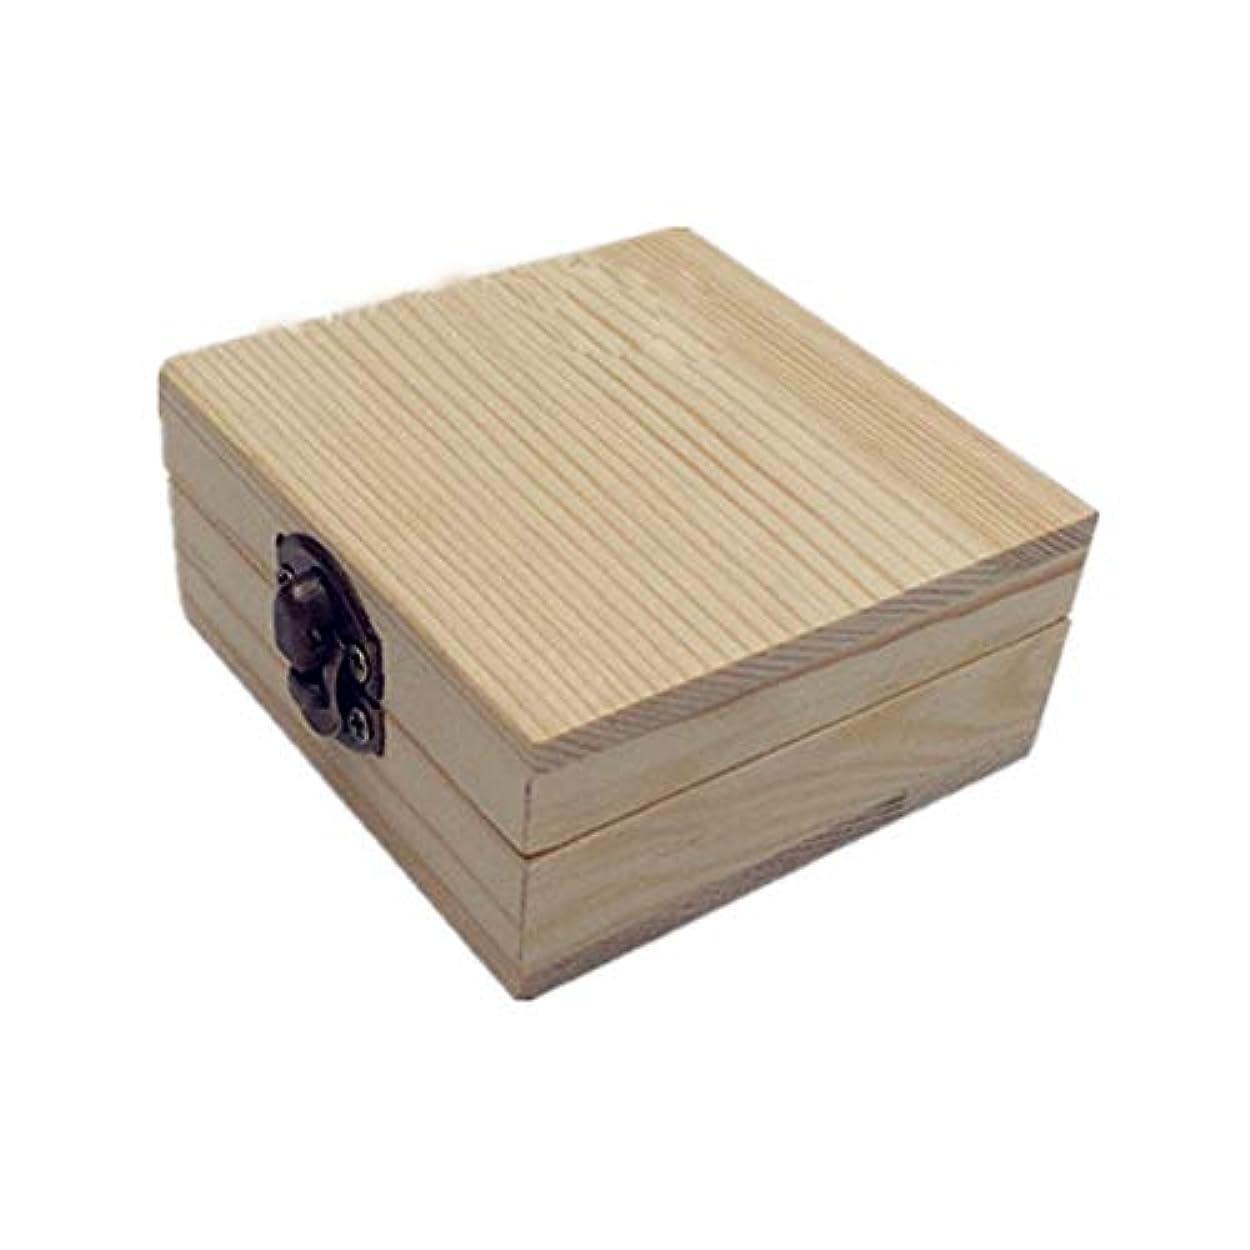 ハイブリッド結果として挨拶エッセンシャルオイルストレージボックス 木製のエッセンシャルオイルボックスパーフェクトエッセンシャルオイルケースはエッセンシャル2本のボトル用保持します 旅行およびプレゼンテーション用 (色 : Natural, サイズ...